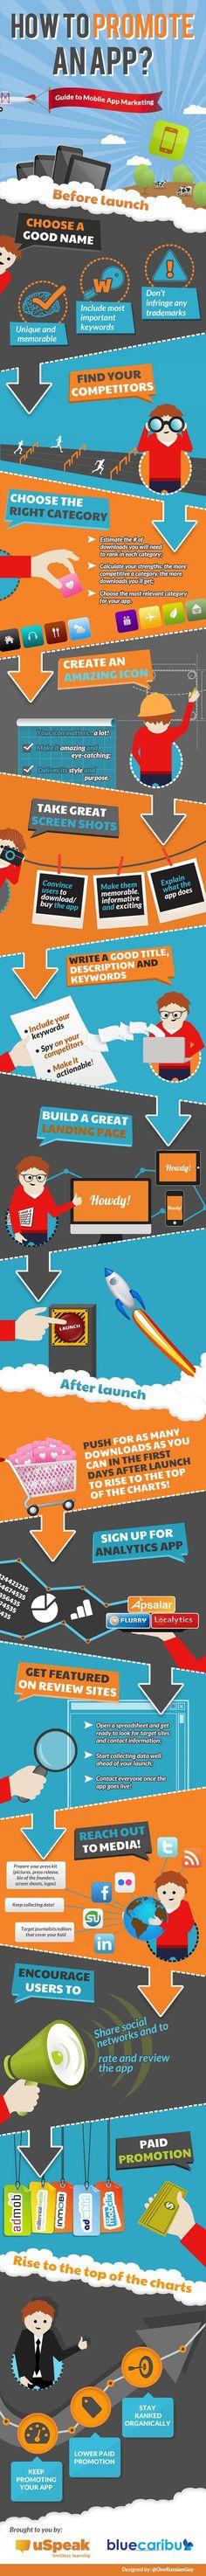 La aplicación para aprender idiomas de uSpeak ha conseguido 35.000 descargas tan solo un mes después de su lanzamiento. Para celebrarlo han creado una infografía con los pasos que han seguido para conseguirlo, un manual gráfico de marketing móvil para todos aquellos emprendedores que quieran lanzar su app al mercado con éxito.